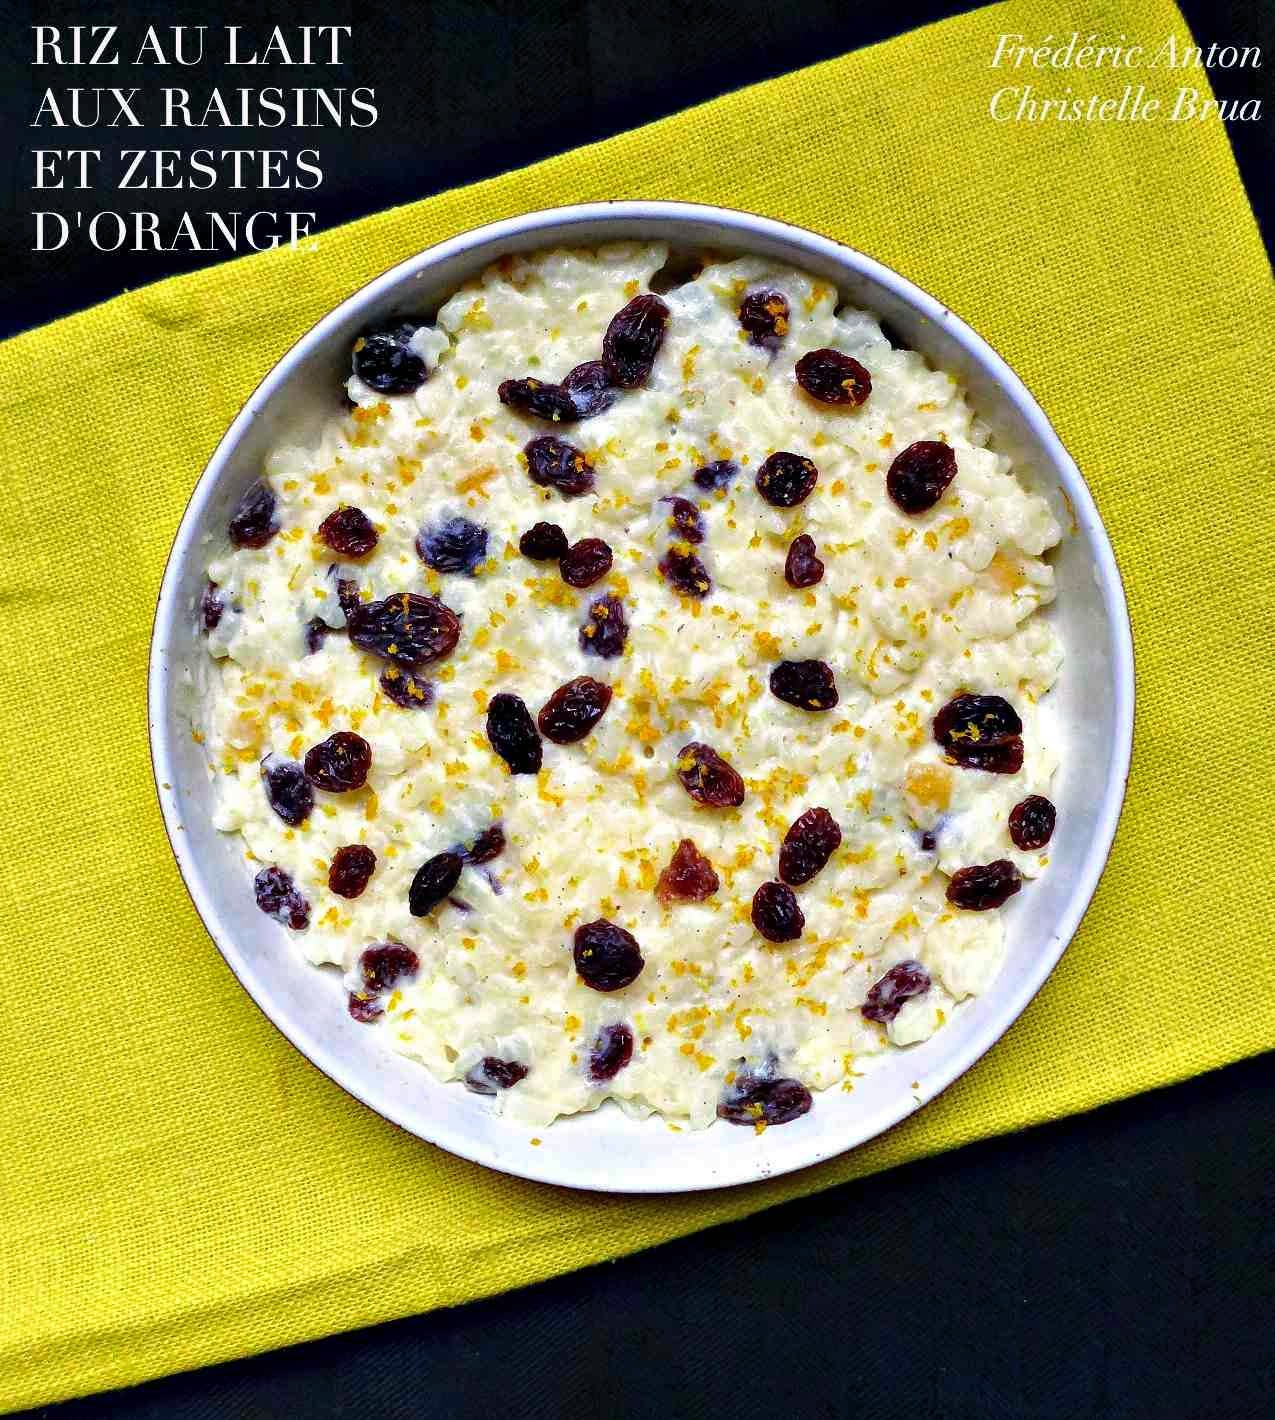 Kitchen Impossible Idee: Riz Au Lait Aux Raisins Et Zestes D'orange